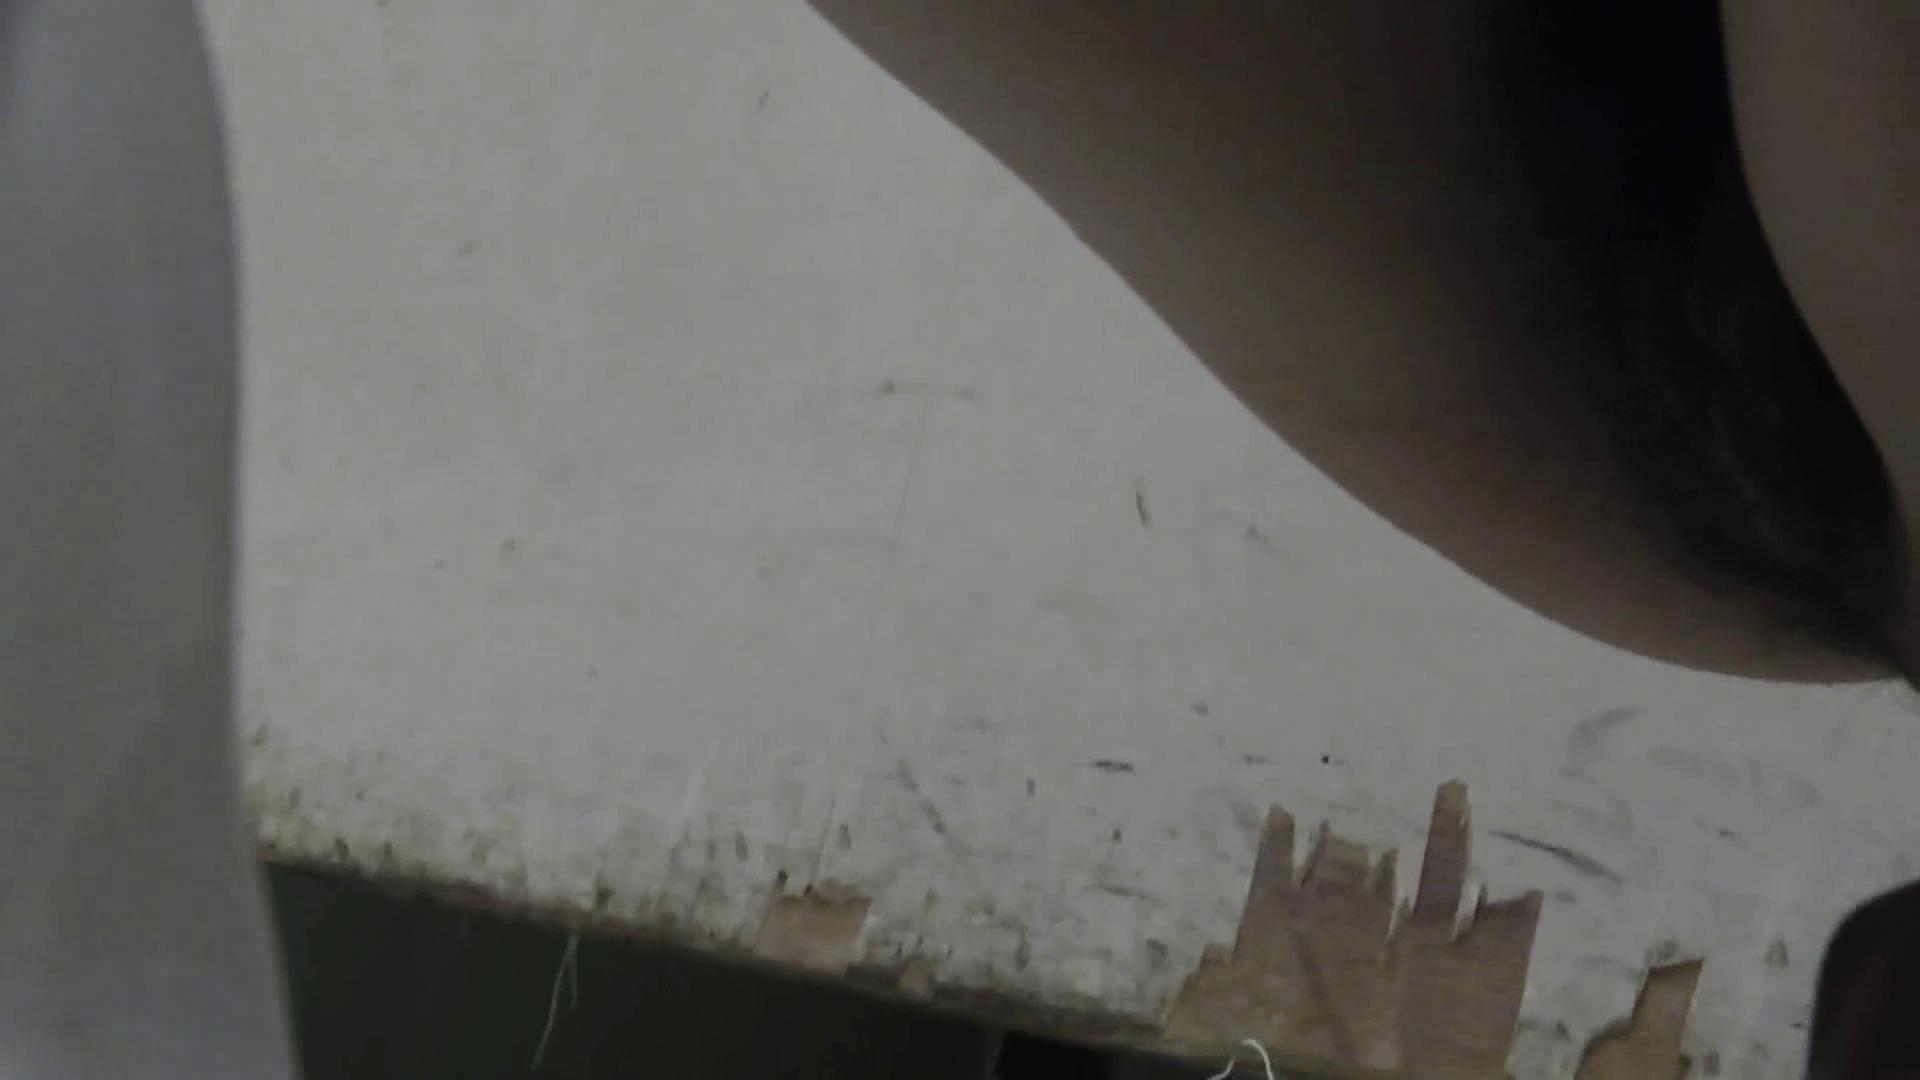 洗面所特攻隊 vol.003 洗面所特攻隊さん本気を出しました。 洗面所 | OLのボディ  99PIX 7